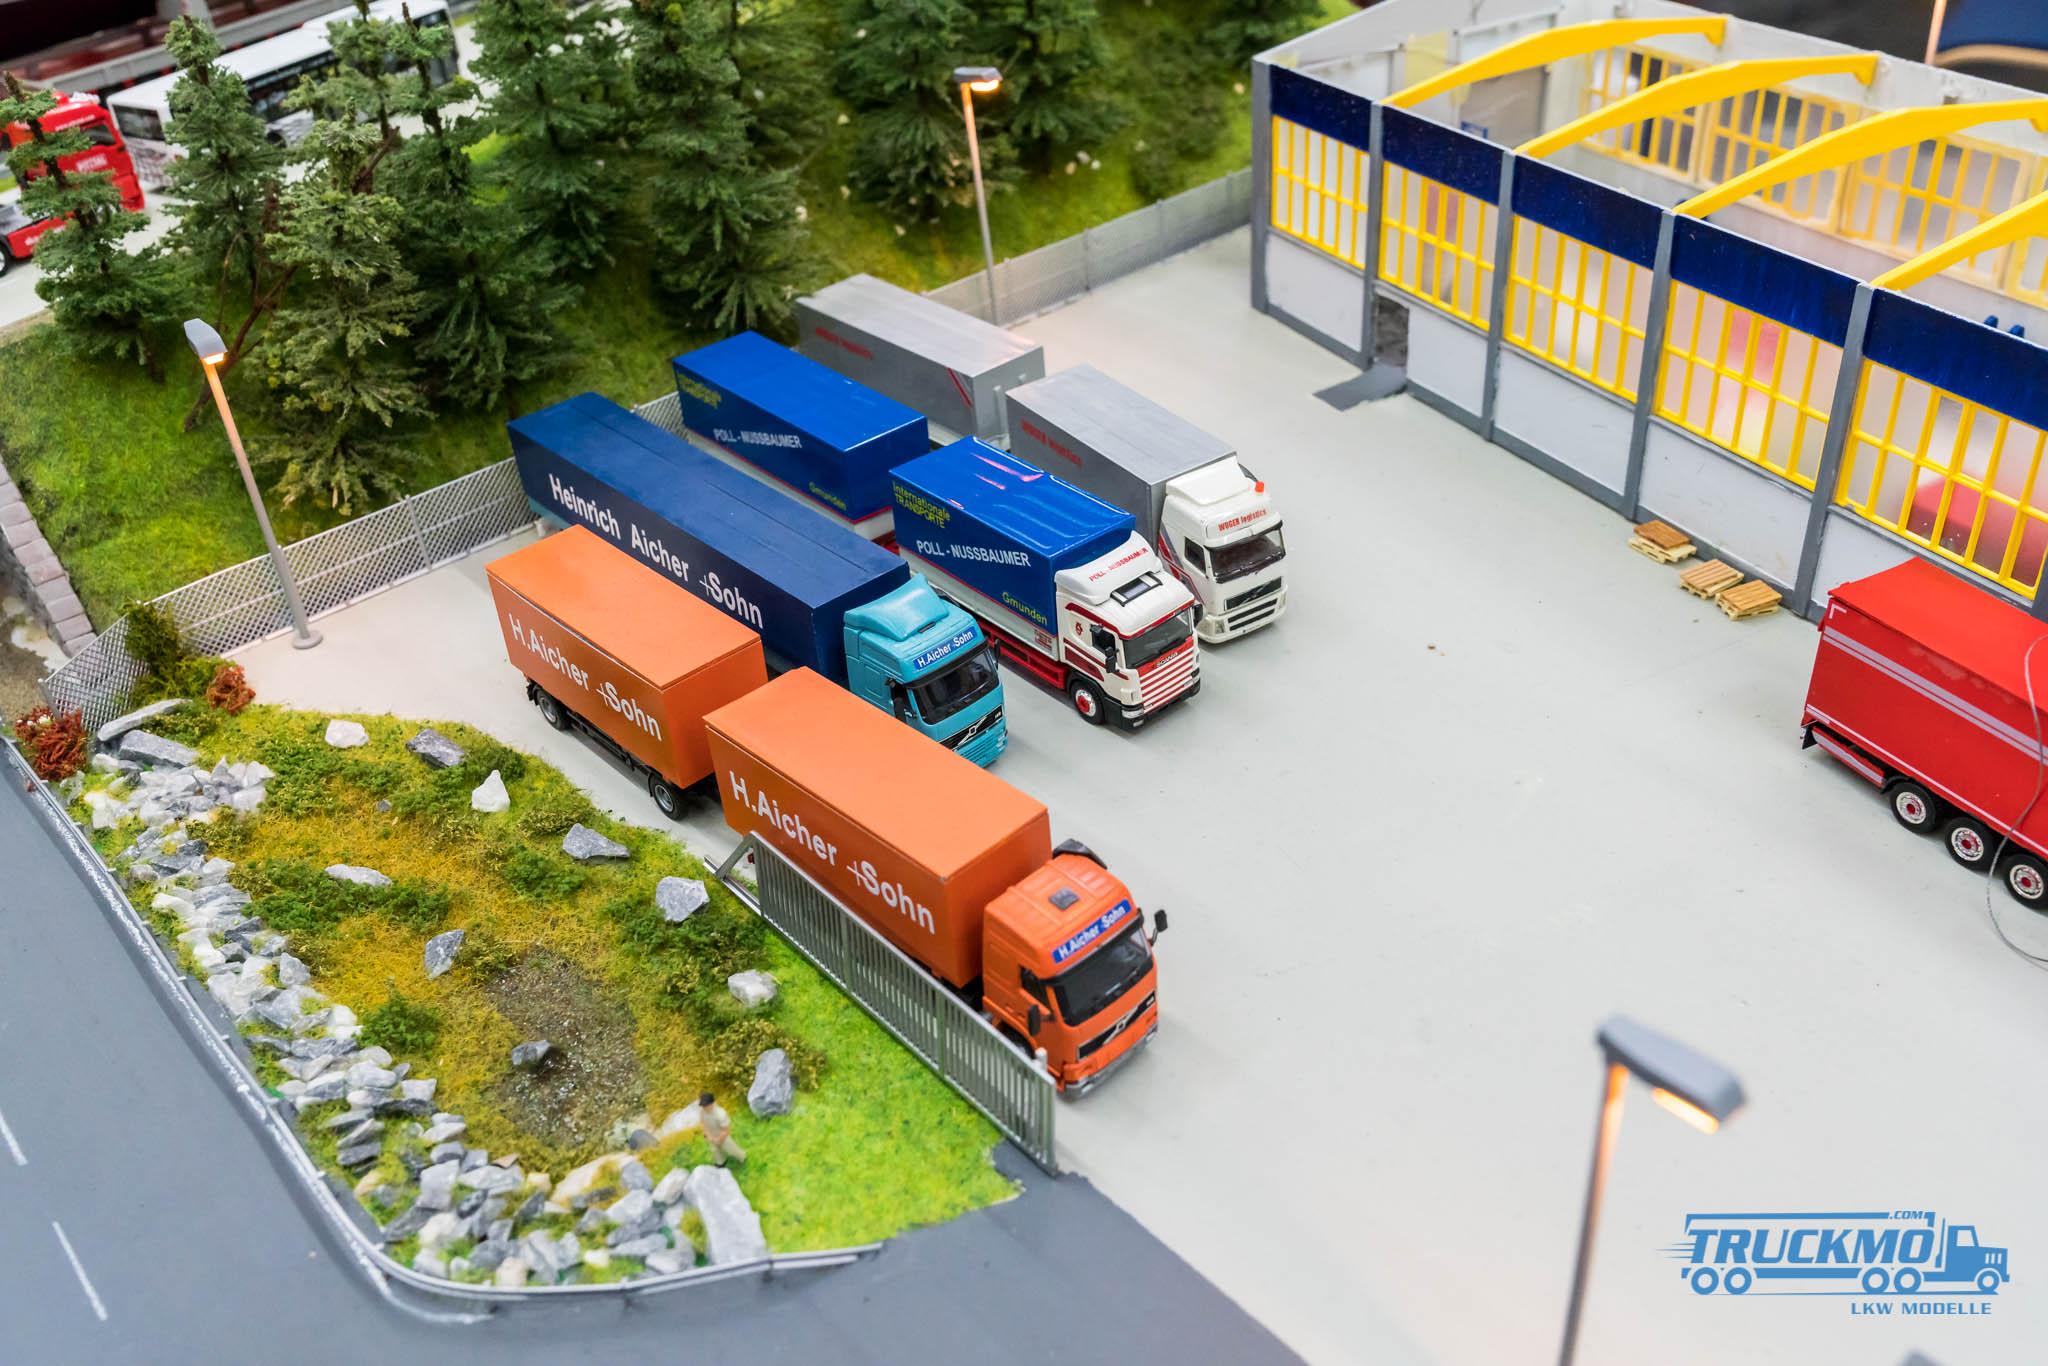 Truckmo_Modellbau_Ried_2017_Herpa_Messe_Modellbauausstellung (267 von 1177)